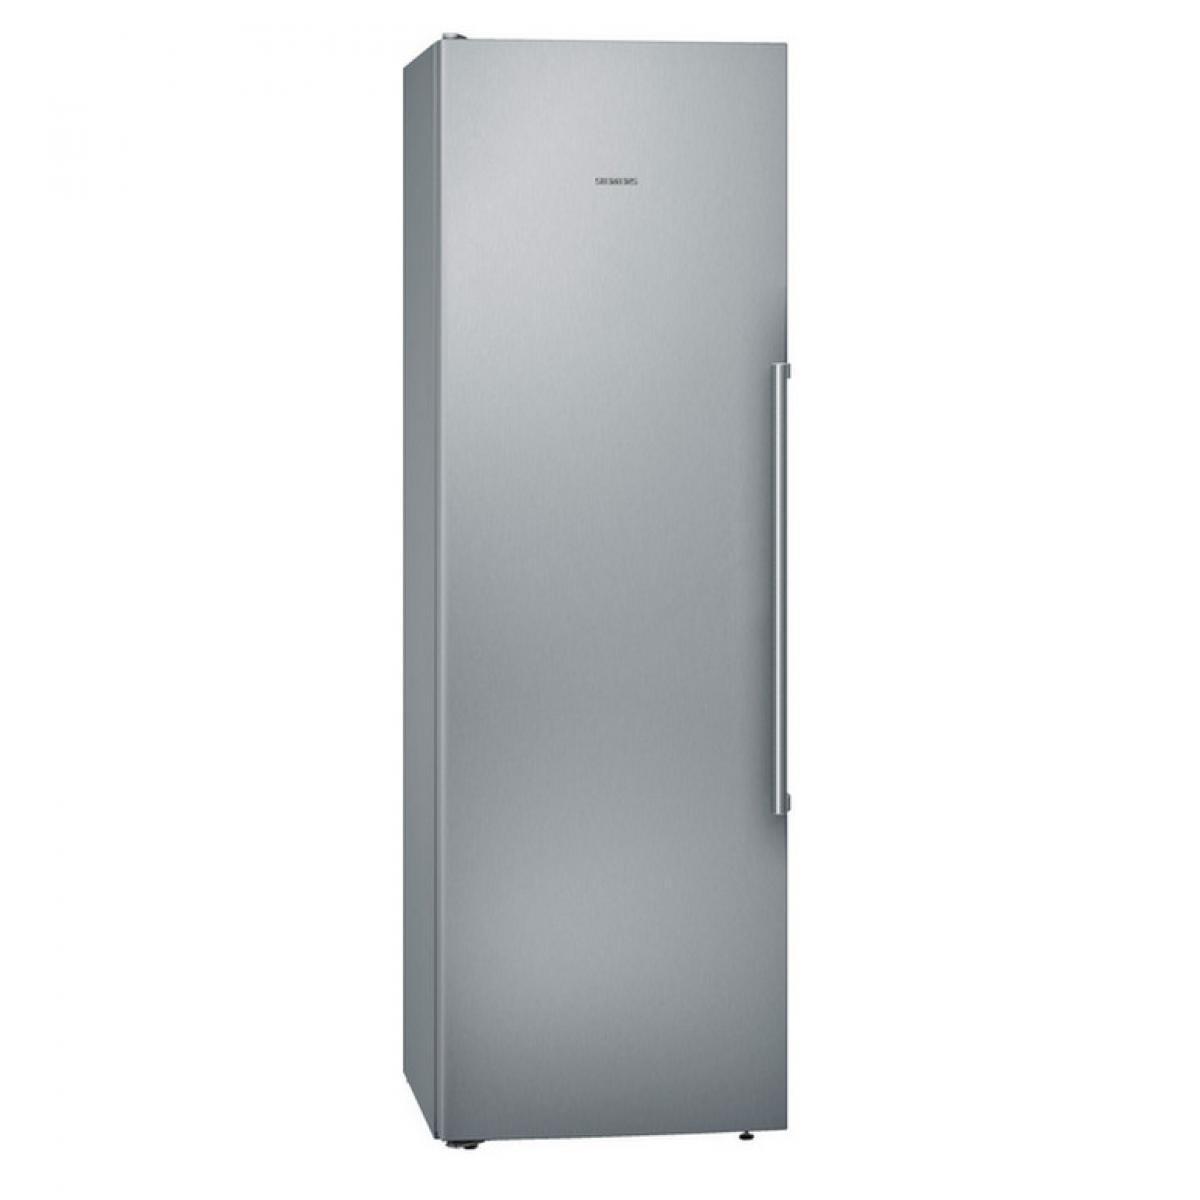 Siemens siemens - ks36vaidp